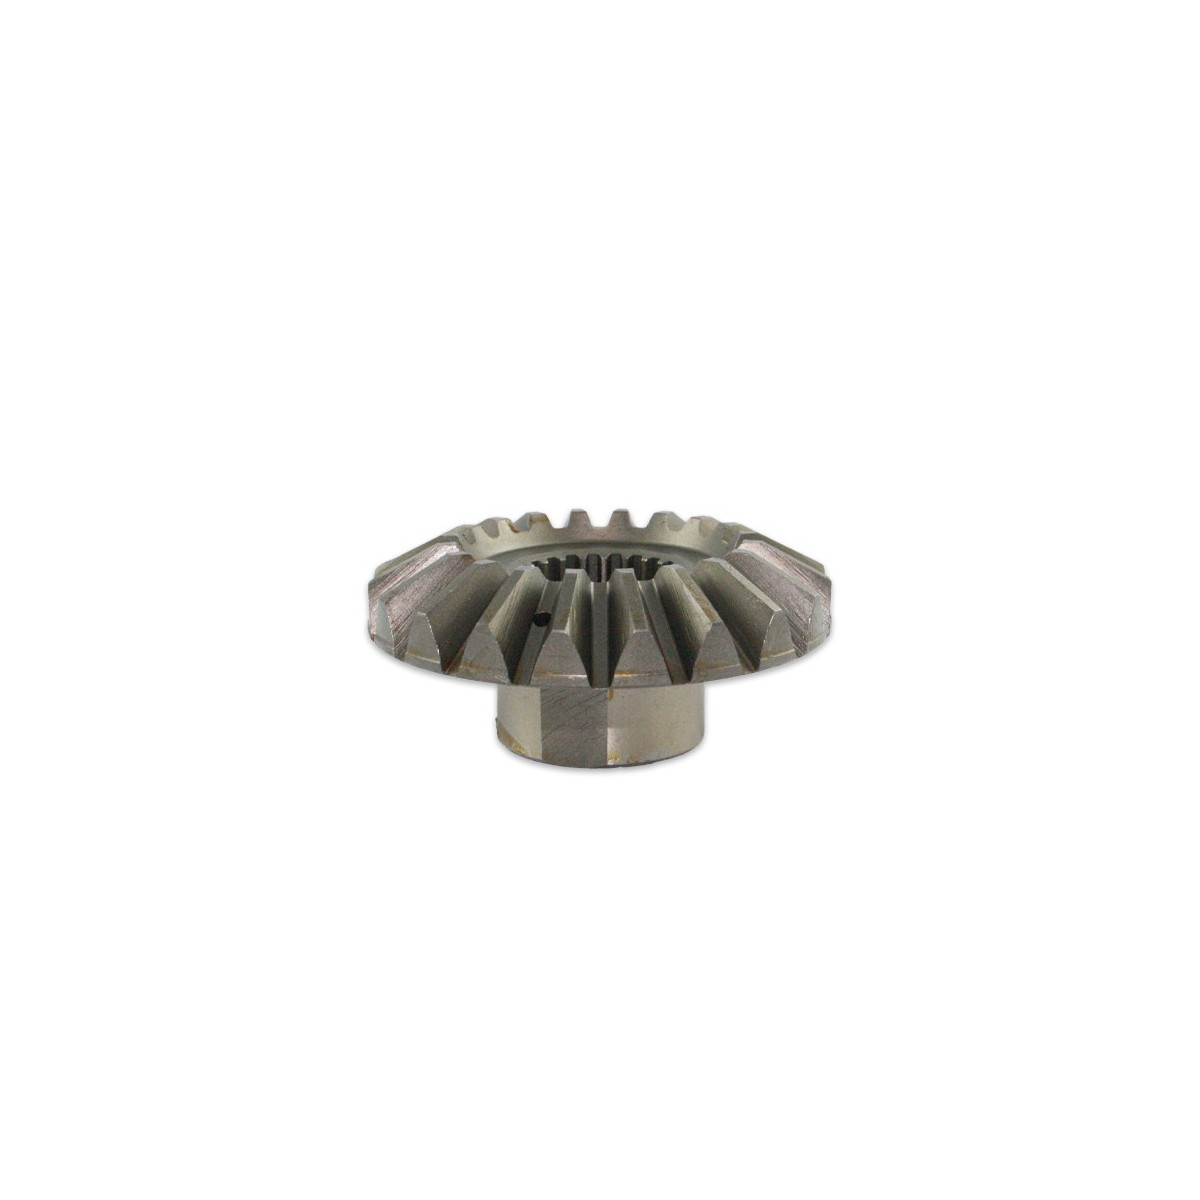 Zębatka dyferencjału 30-83 mm Kubota L01-L02 20T-22T